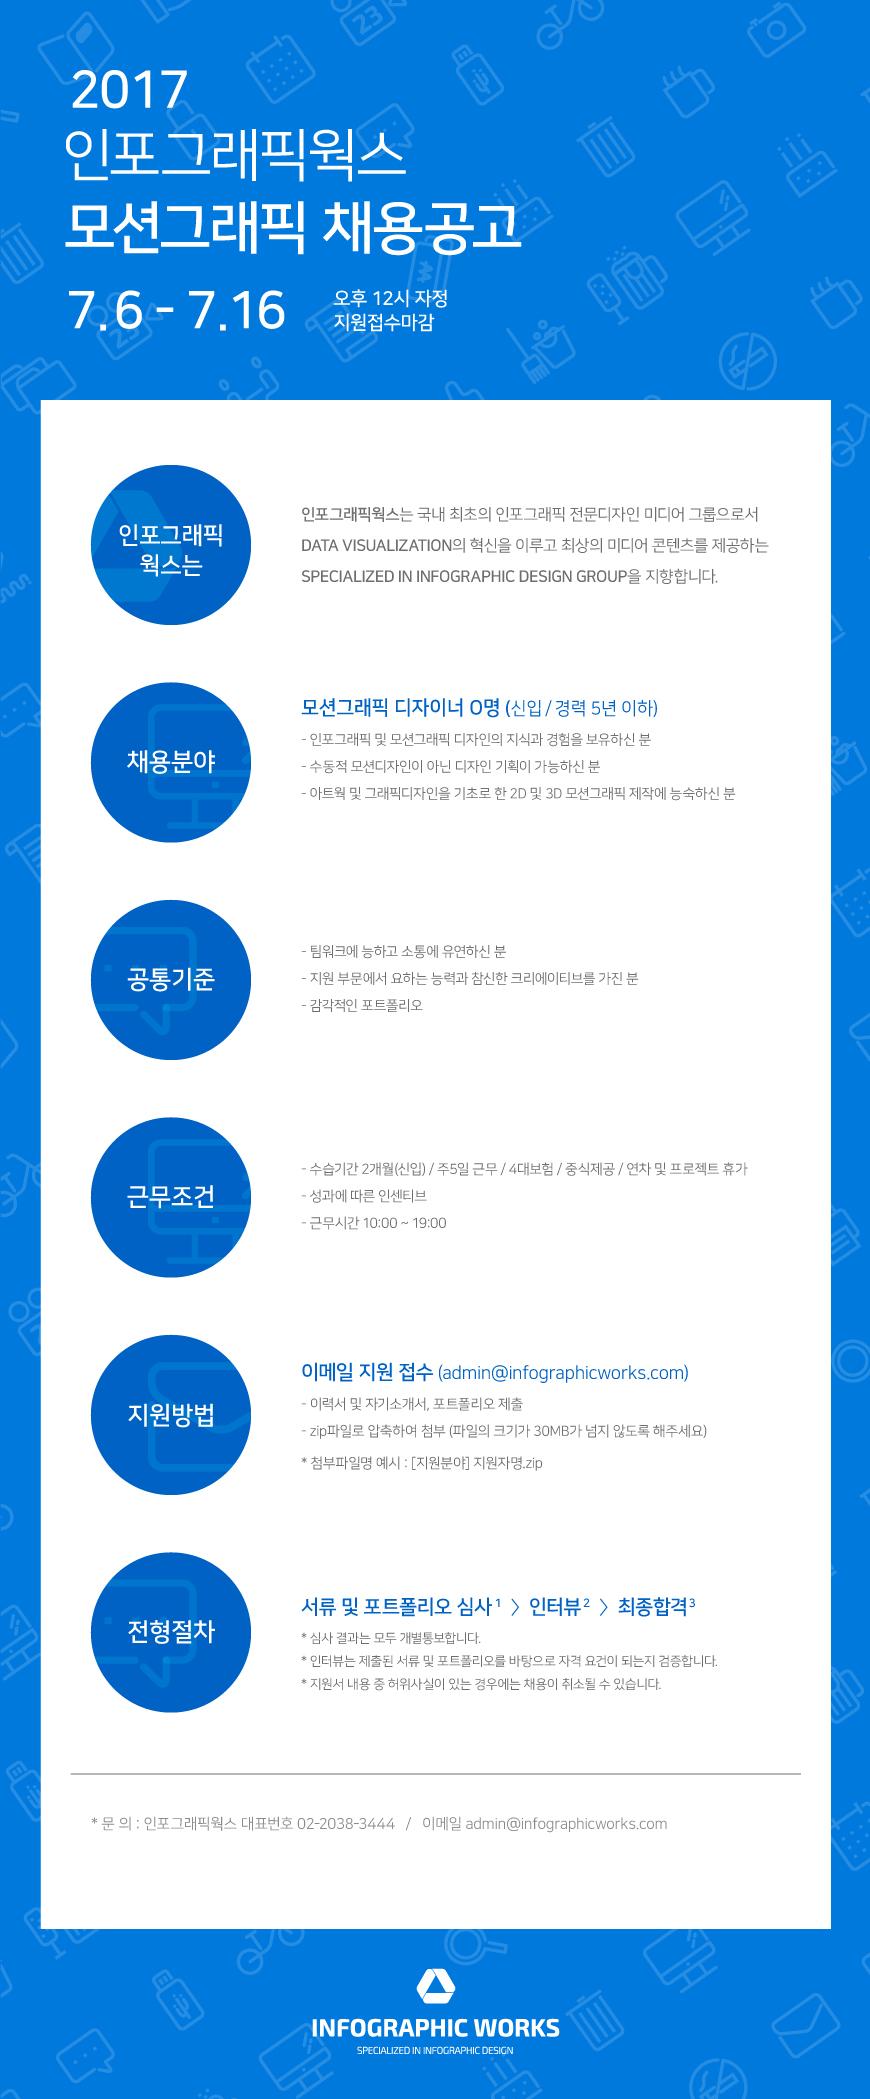 2017_채용공고_수정-02